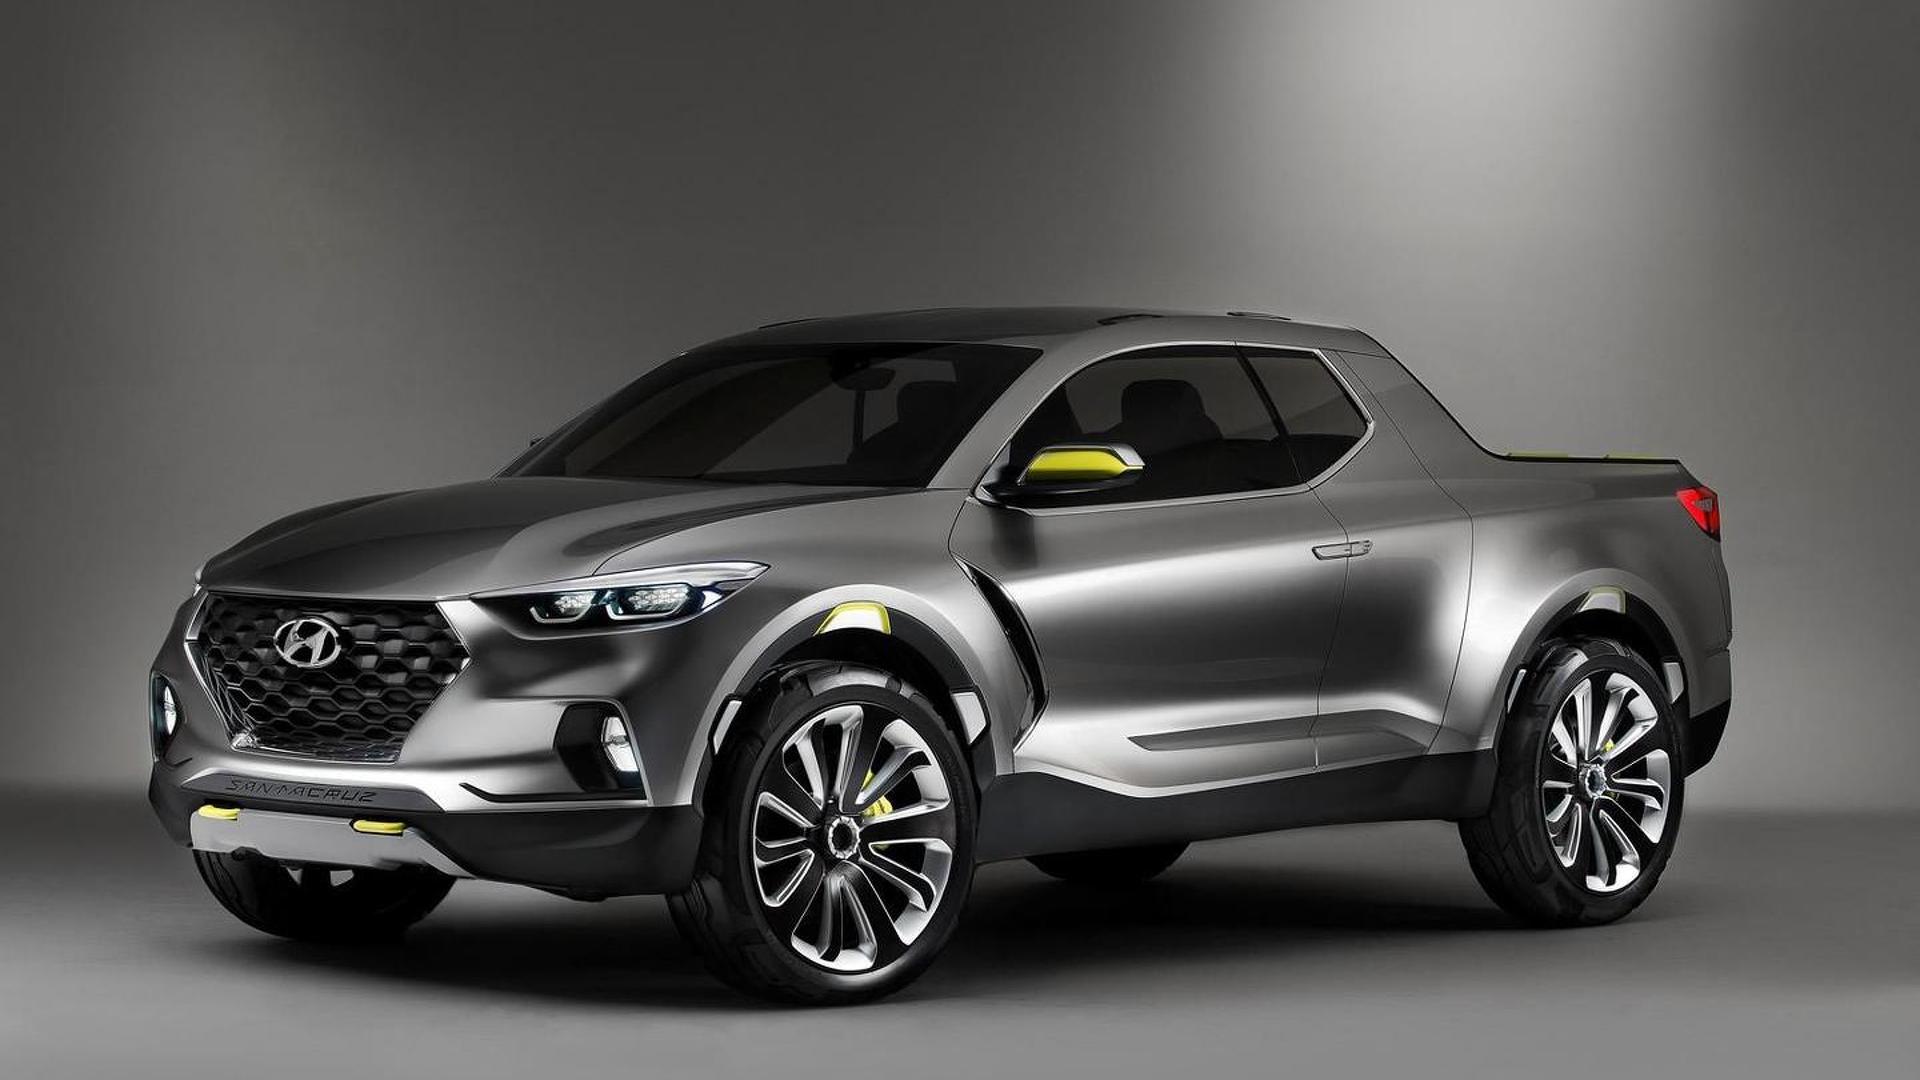 Корейская компания Hyundai планирует выпустить пикап, первым прототипом которого стал концепт Santa Cruz 2015 года (на фото и видео). Подробной информации о новинке пока нет, но уже известно, что авто может получить «горячую» модификацию.